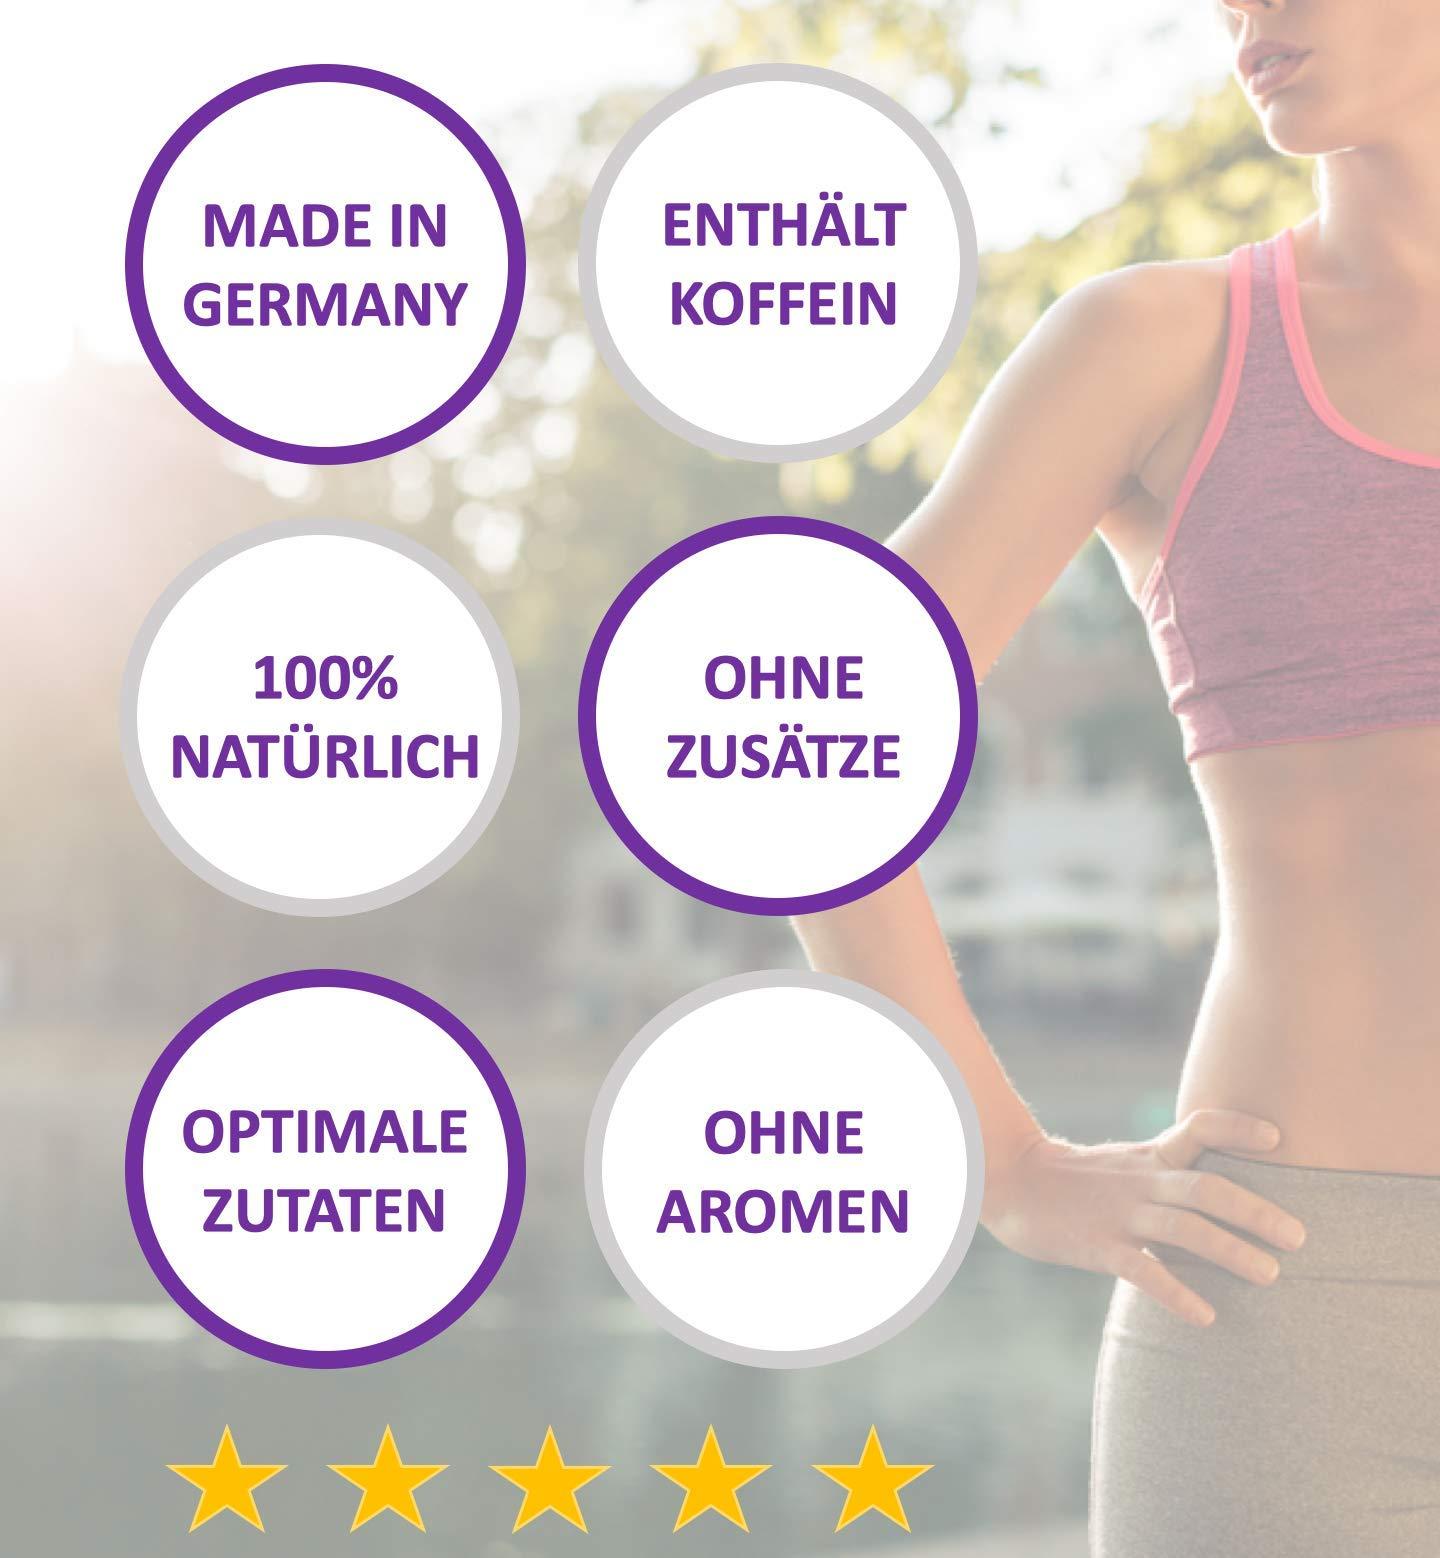 BodyShape-Tee-mit-Ingwer-Mate-Brennesseltee-Grner-Hafer-14-Tage-Skinny-Programm-100-natrlicher-Krutertee-aus-Deutschland-60g-loser-Tee